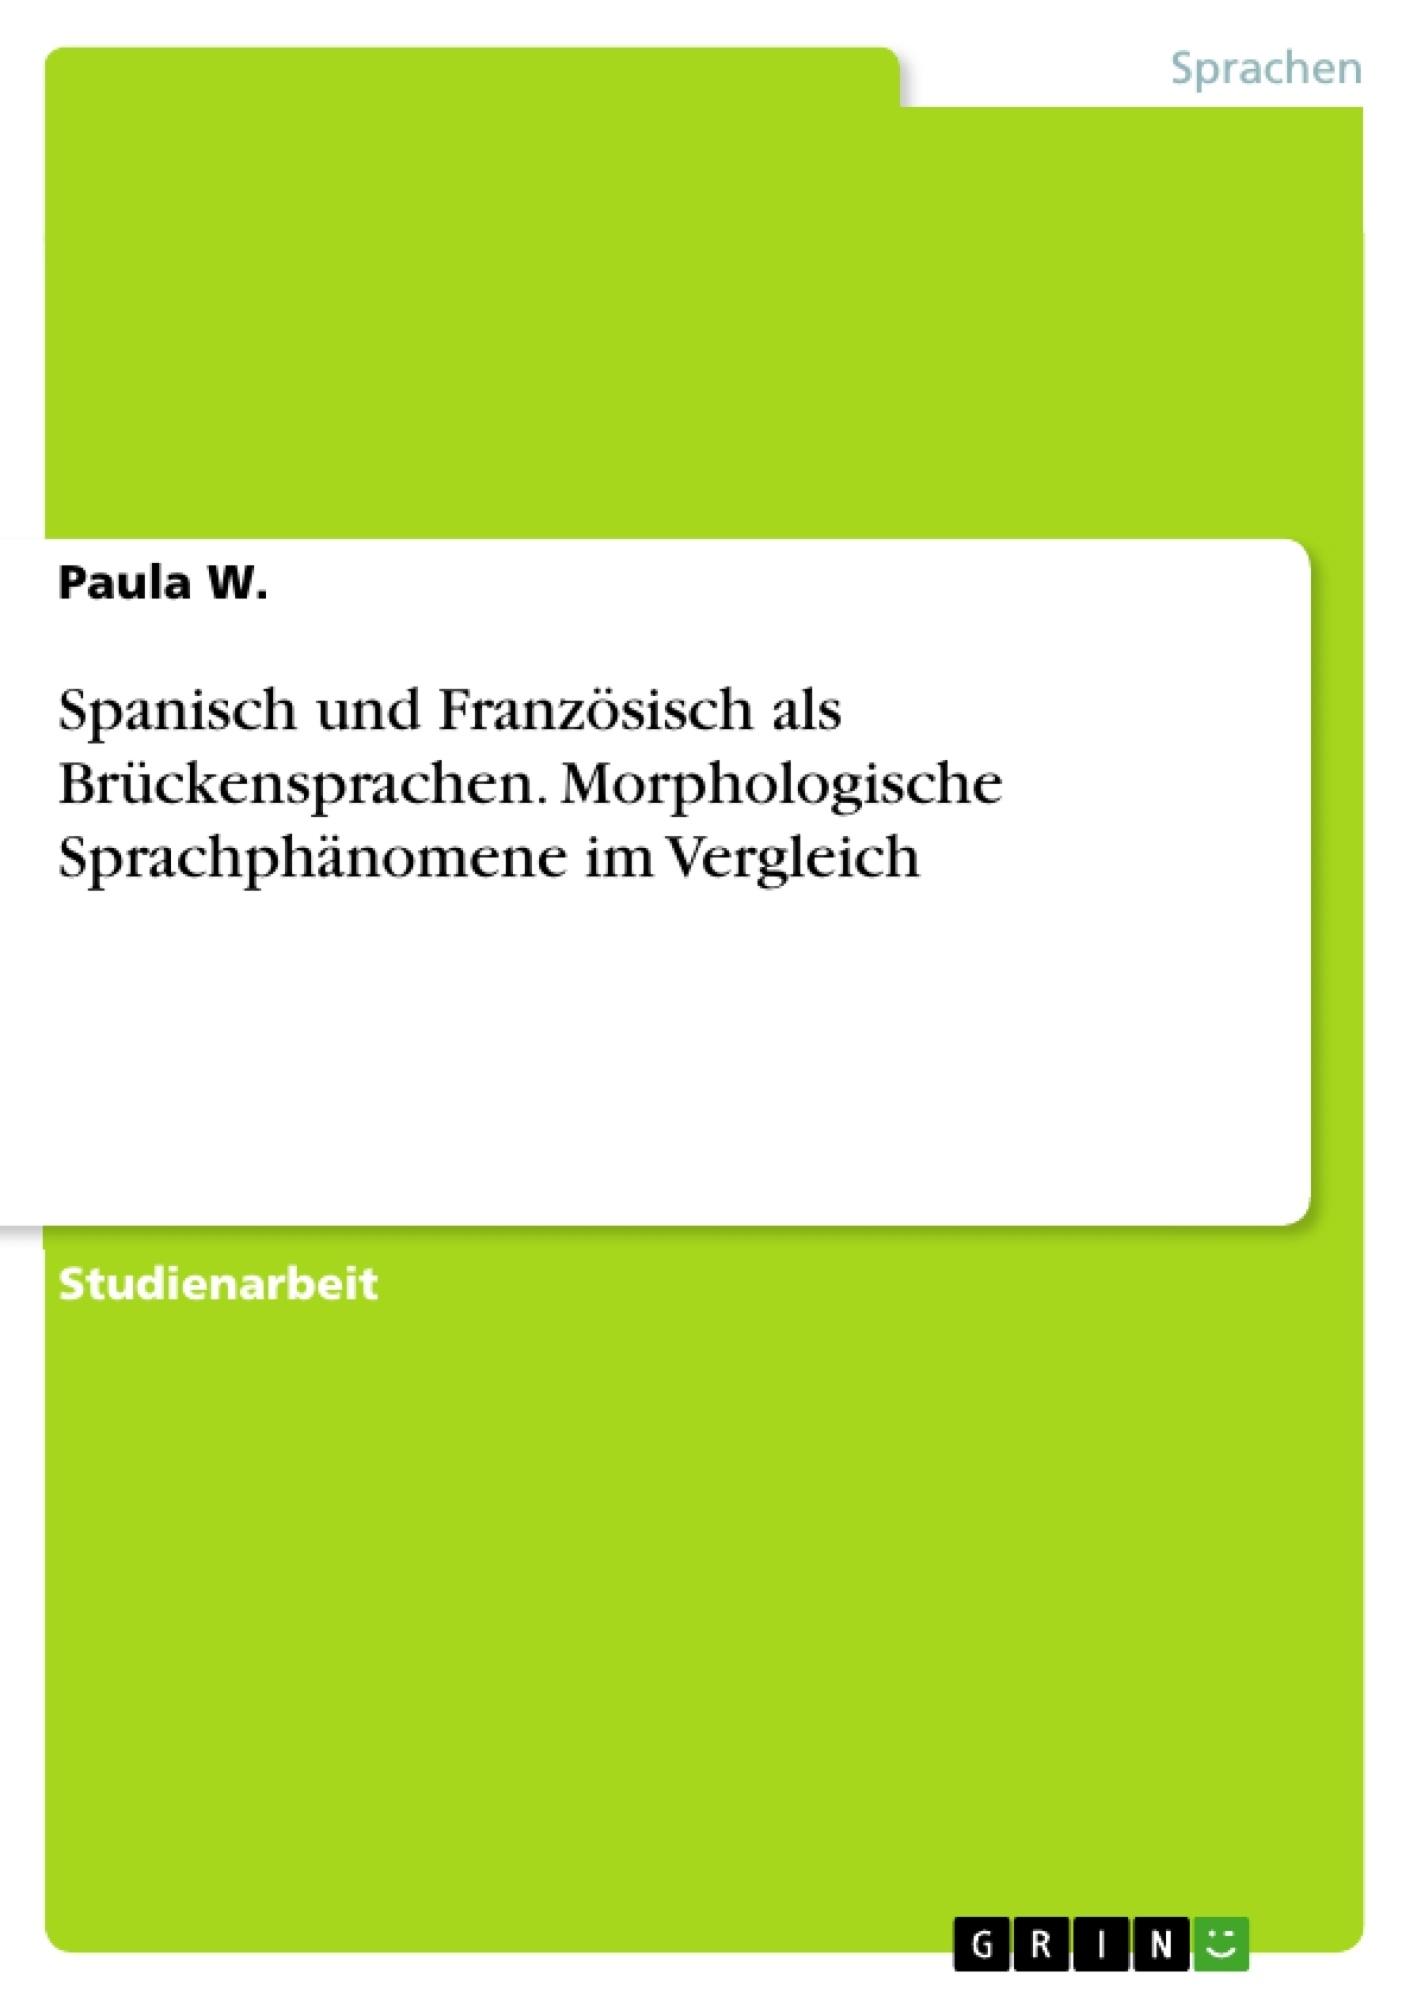 Titel: Spanisch und Französisch als Brückensprachen. Morphologische Sprachphänomene im Vergleich